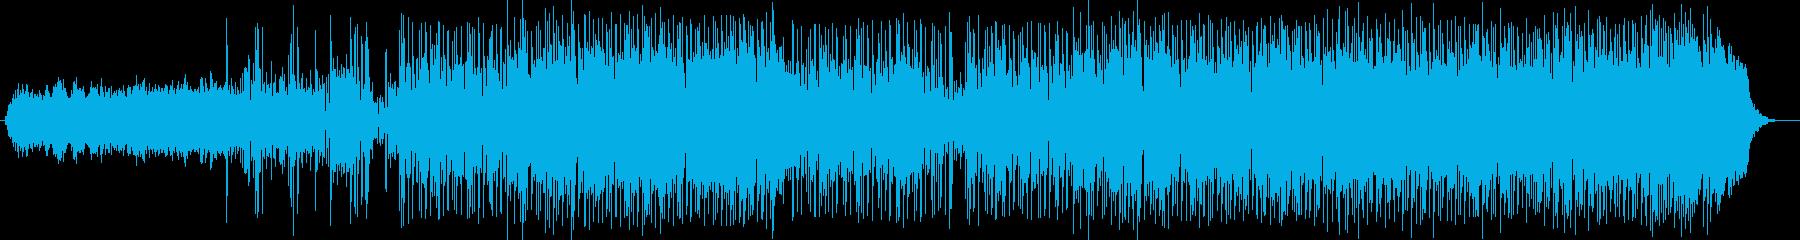 疾走感とファンタジーなシンセサウンドの再生済みの波形